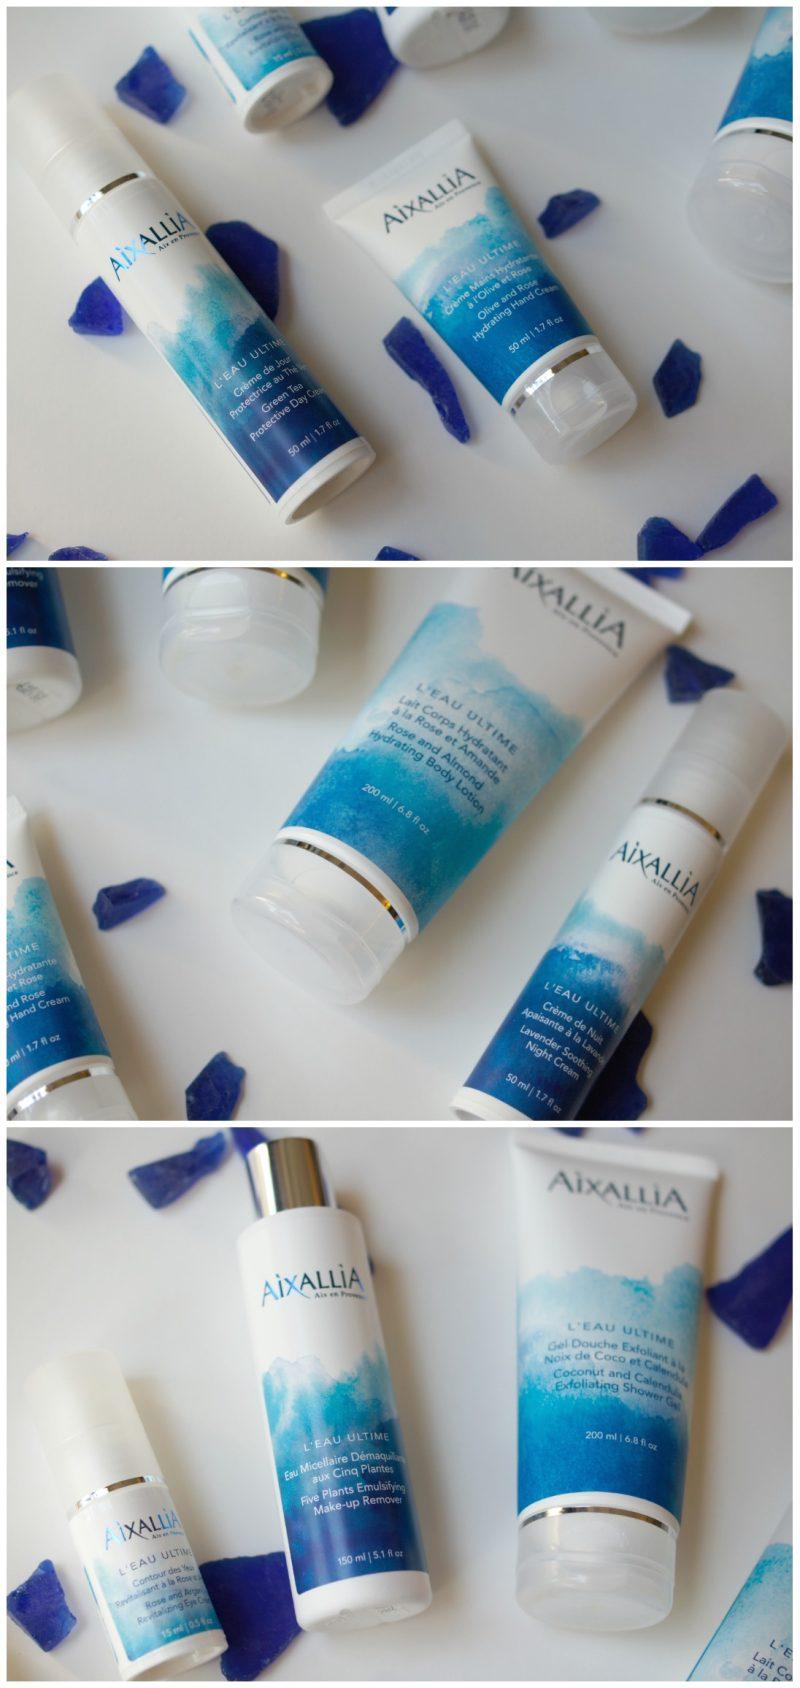 Aixallia Products